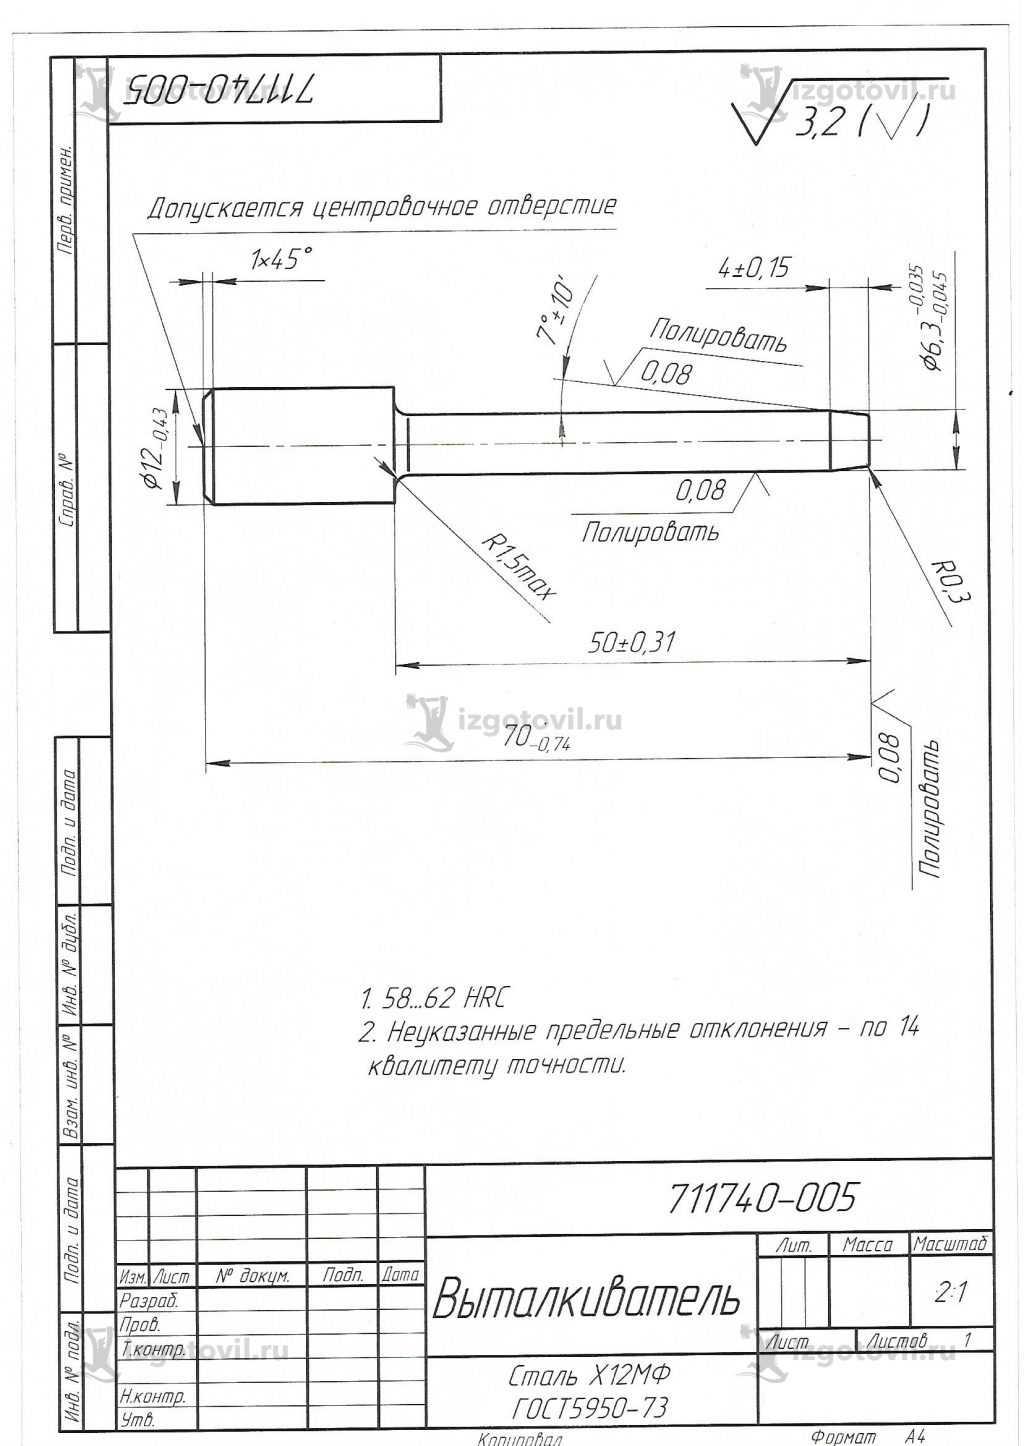 Токарно-фрезерная обработка: выталкиватель и наконечник в сборе